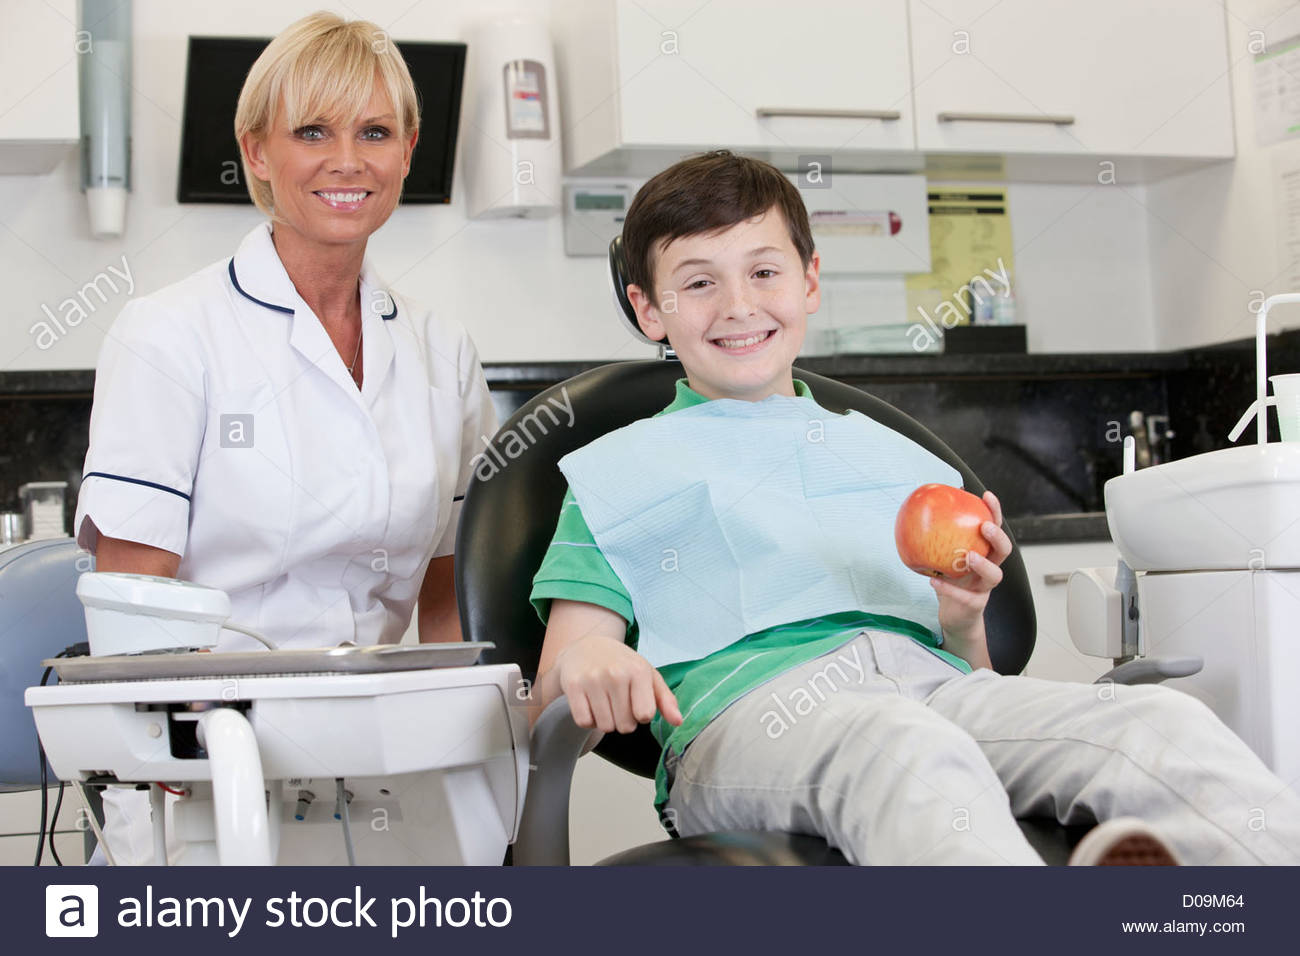 Un jeune garçon chez le dentiste holding an apple Photo Stock